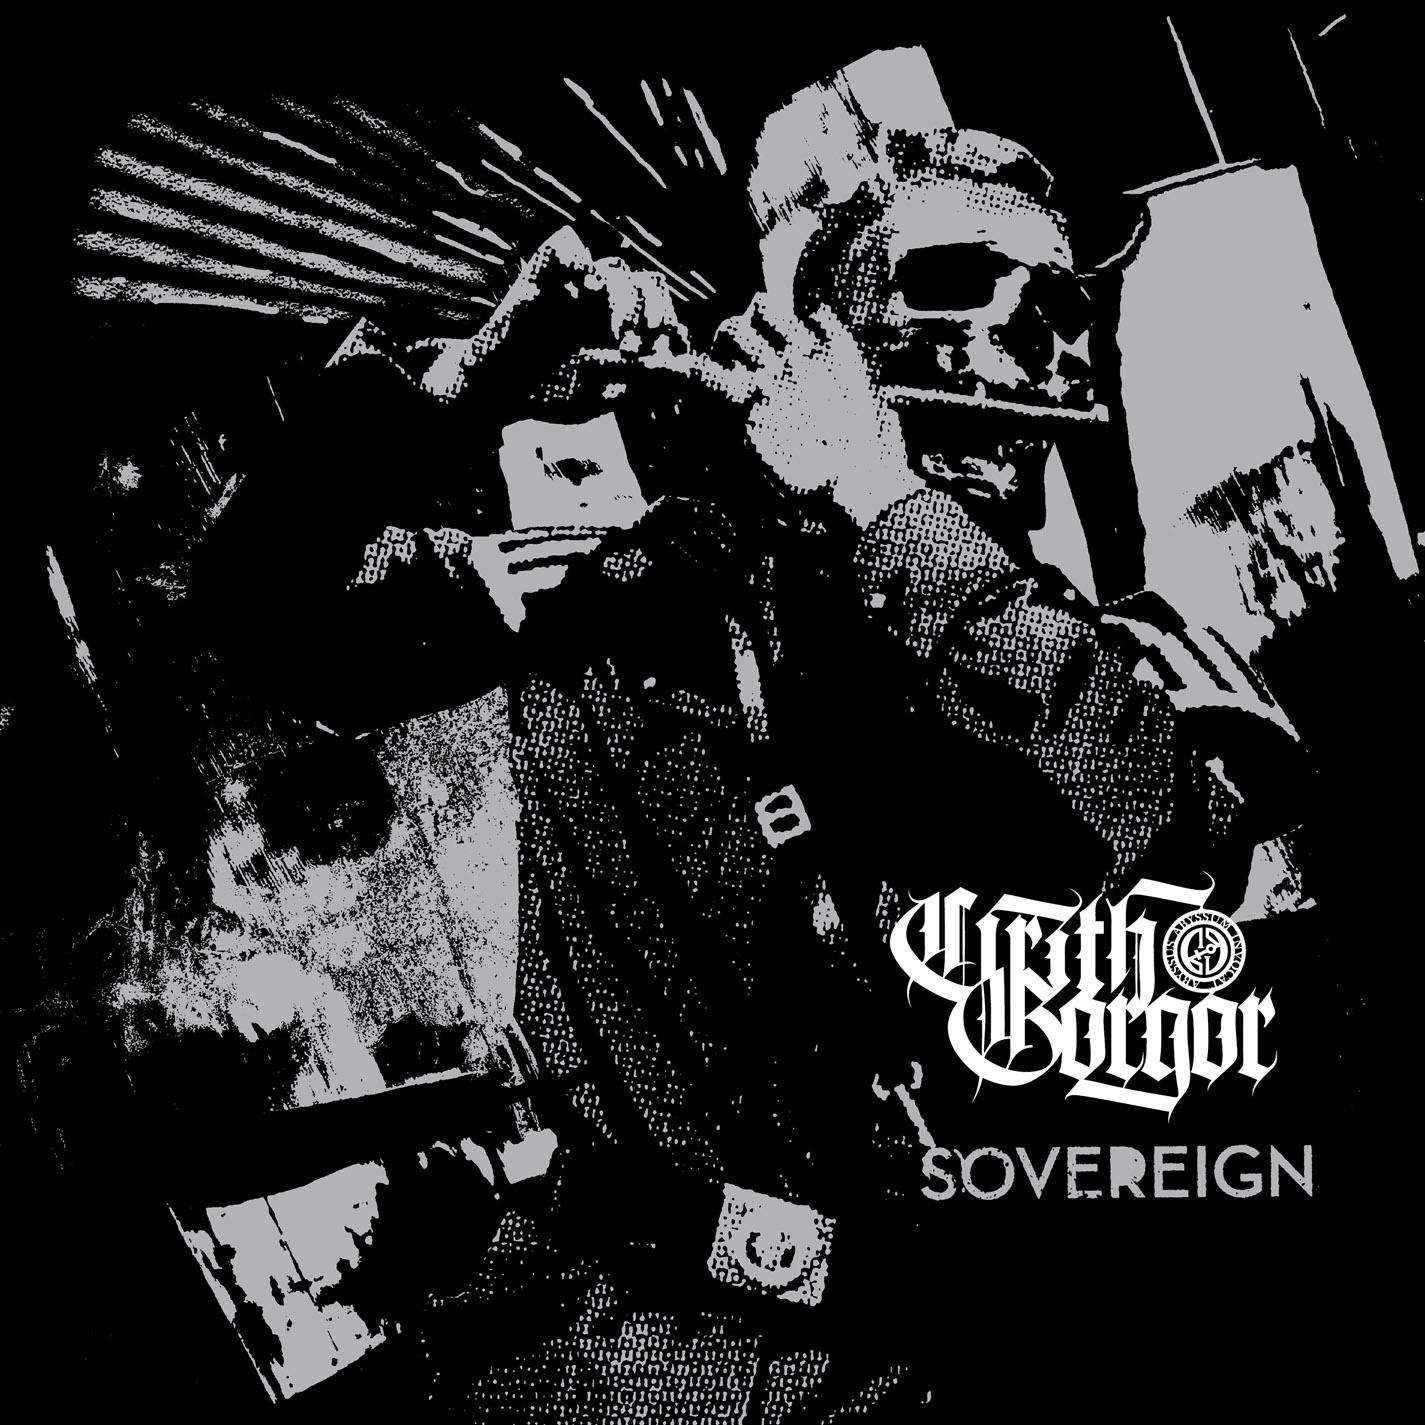 Cirith Gorgor – Sovereign